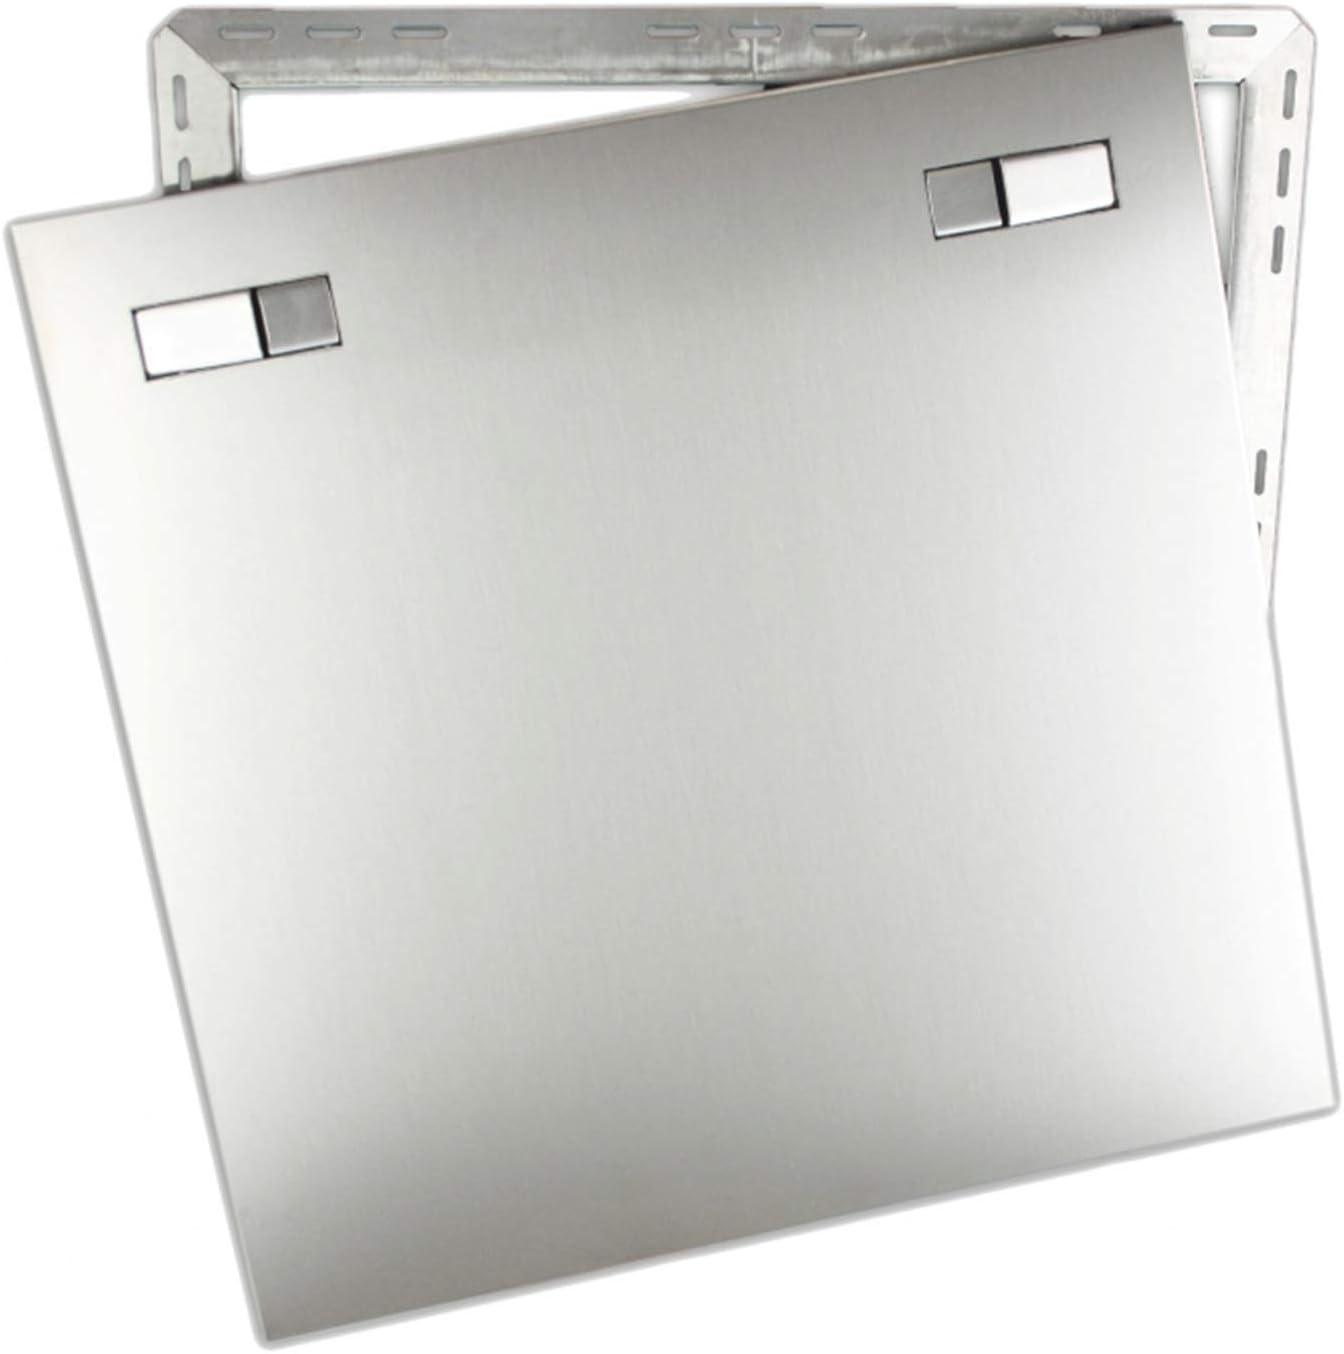 Revisionst/ür Revisionsklappe Wartungsklappe aus Edelstahl mit Einbaurahmen Gr/ö/ße//Durchmesser:500x500mm